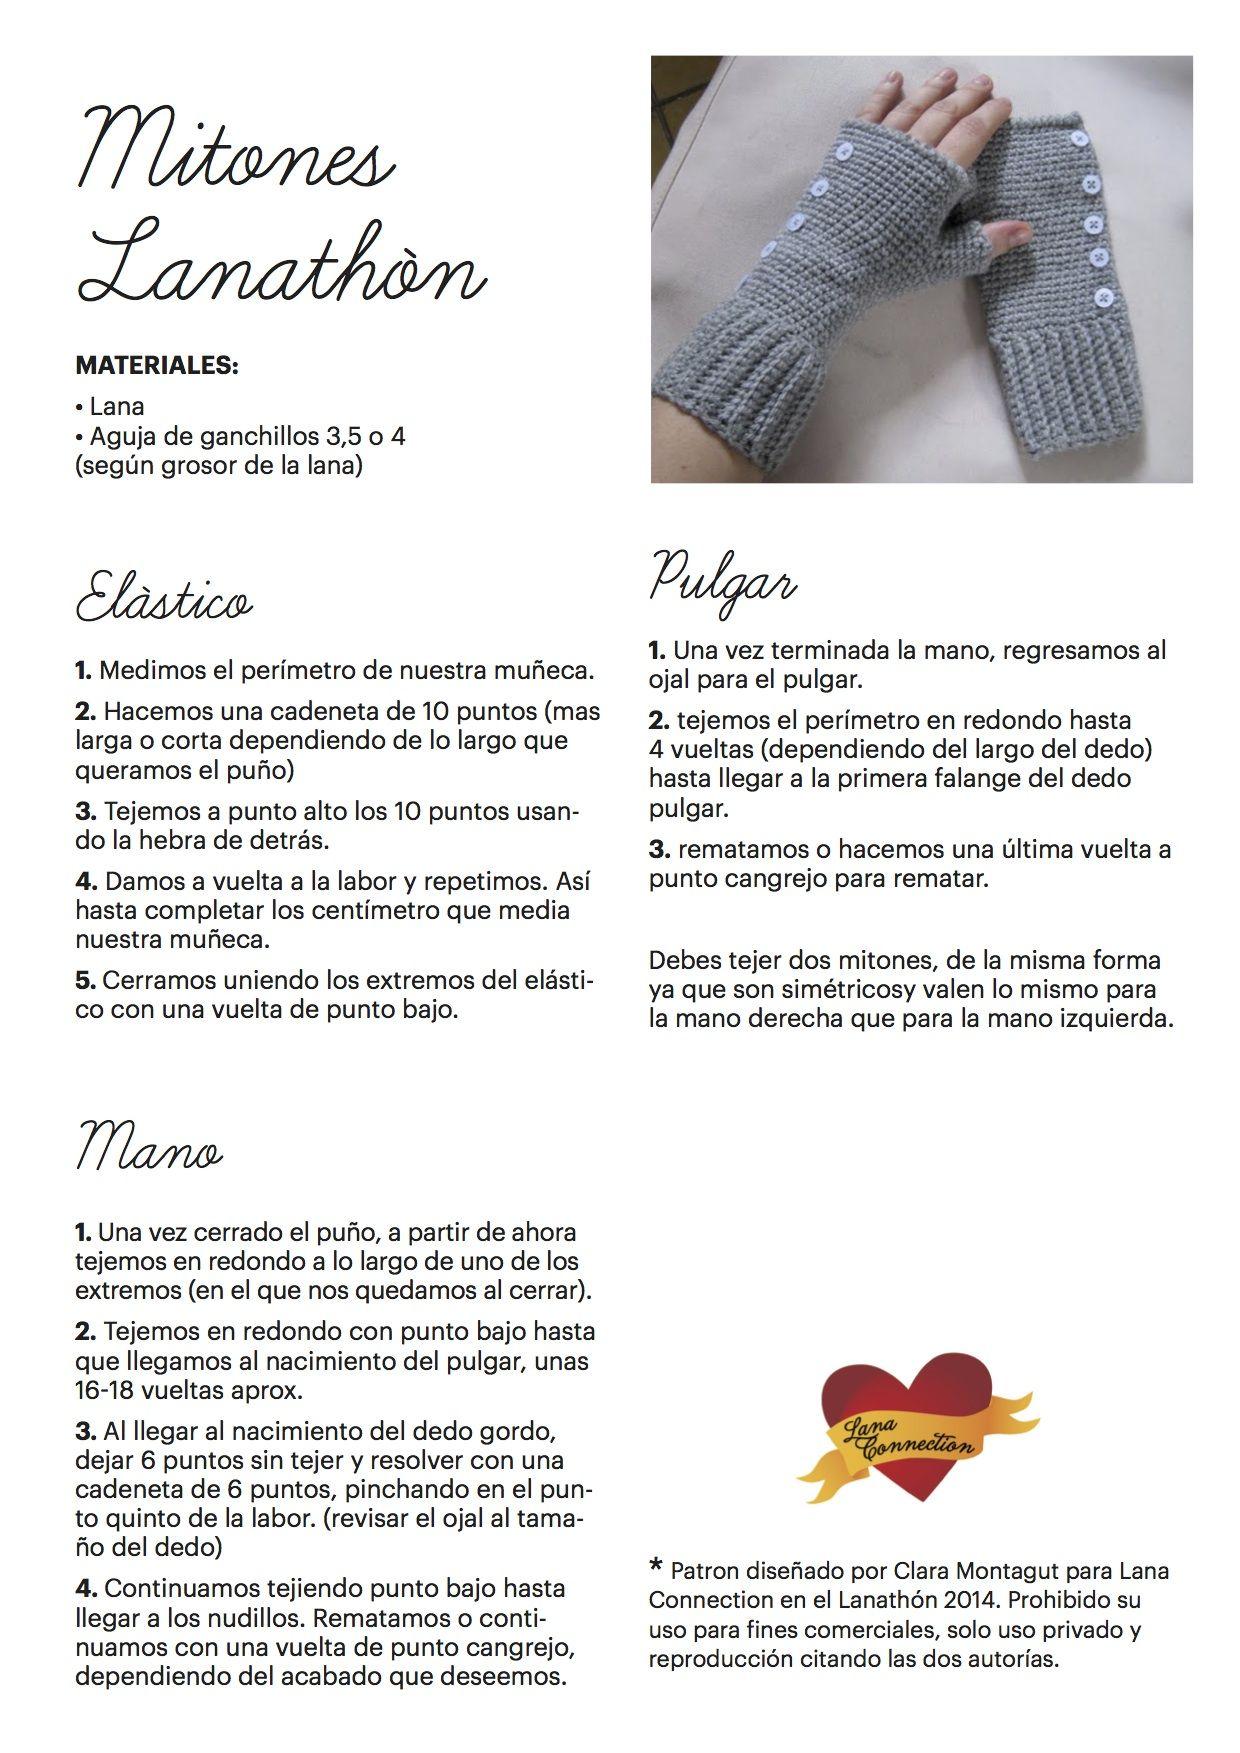 Lanathón 2014 (patrones) | Crochet | Pinterest | Mitones, Patrones y ...